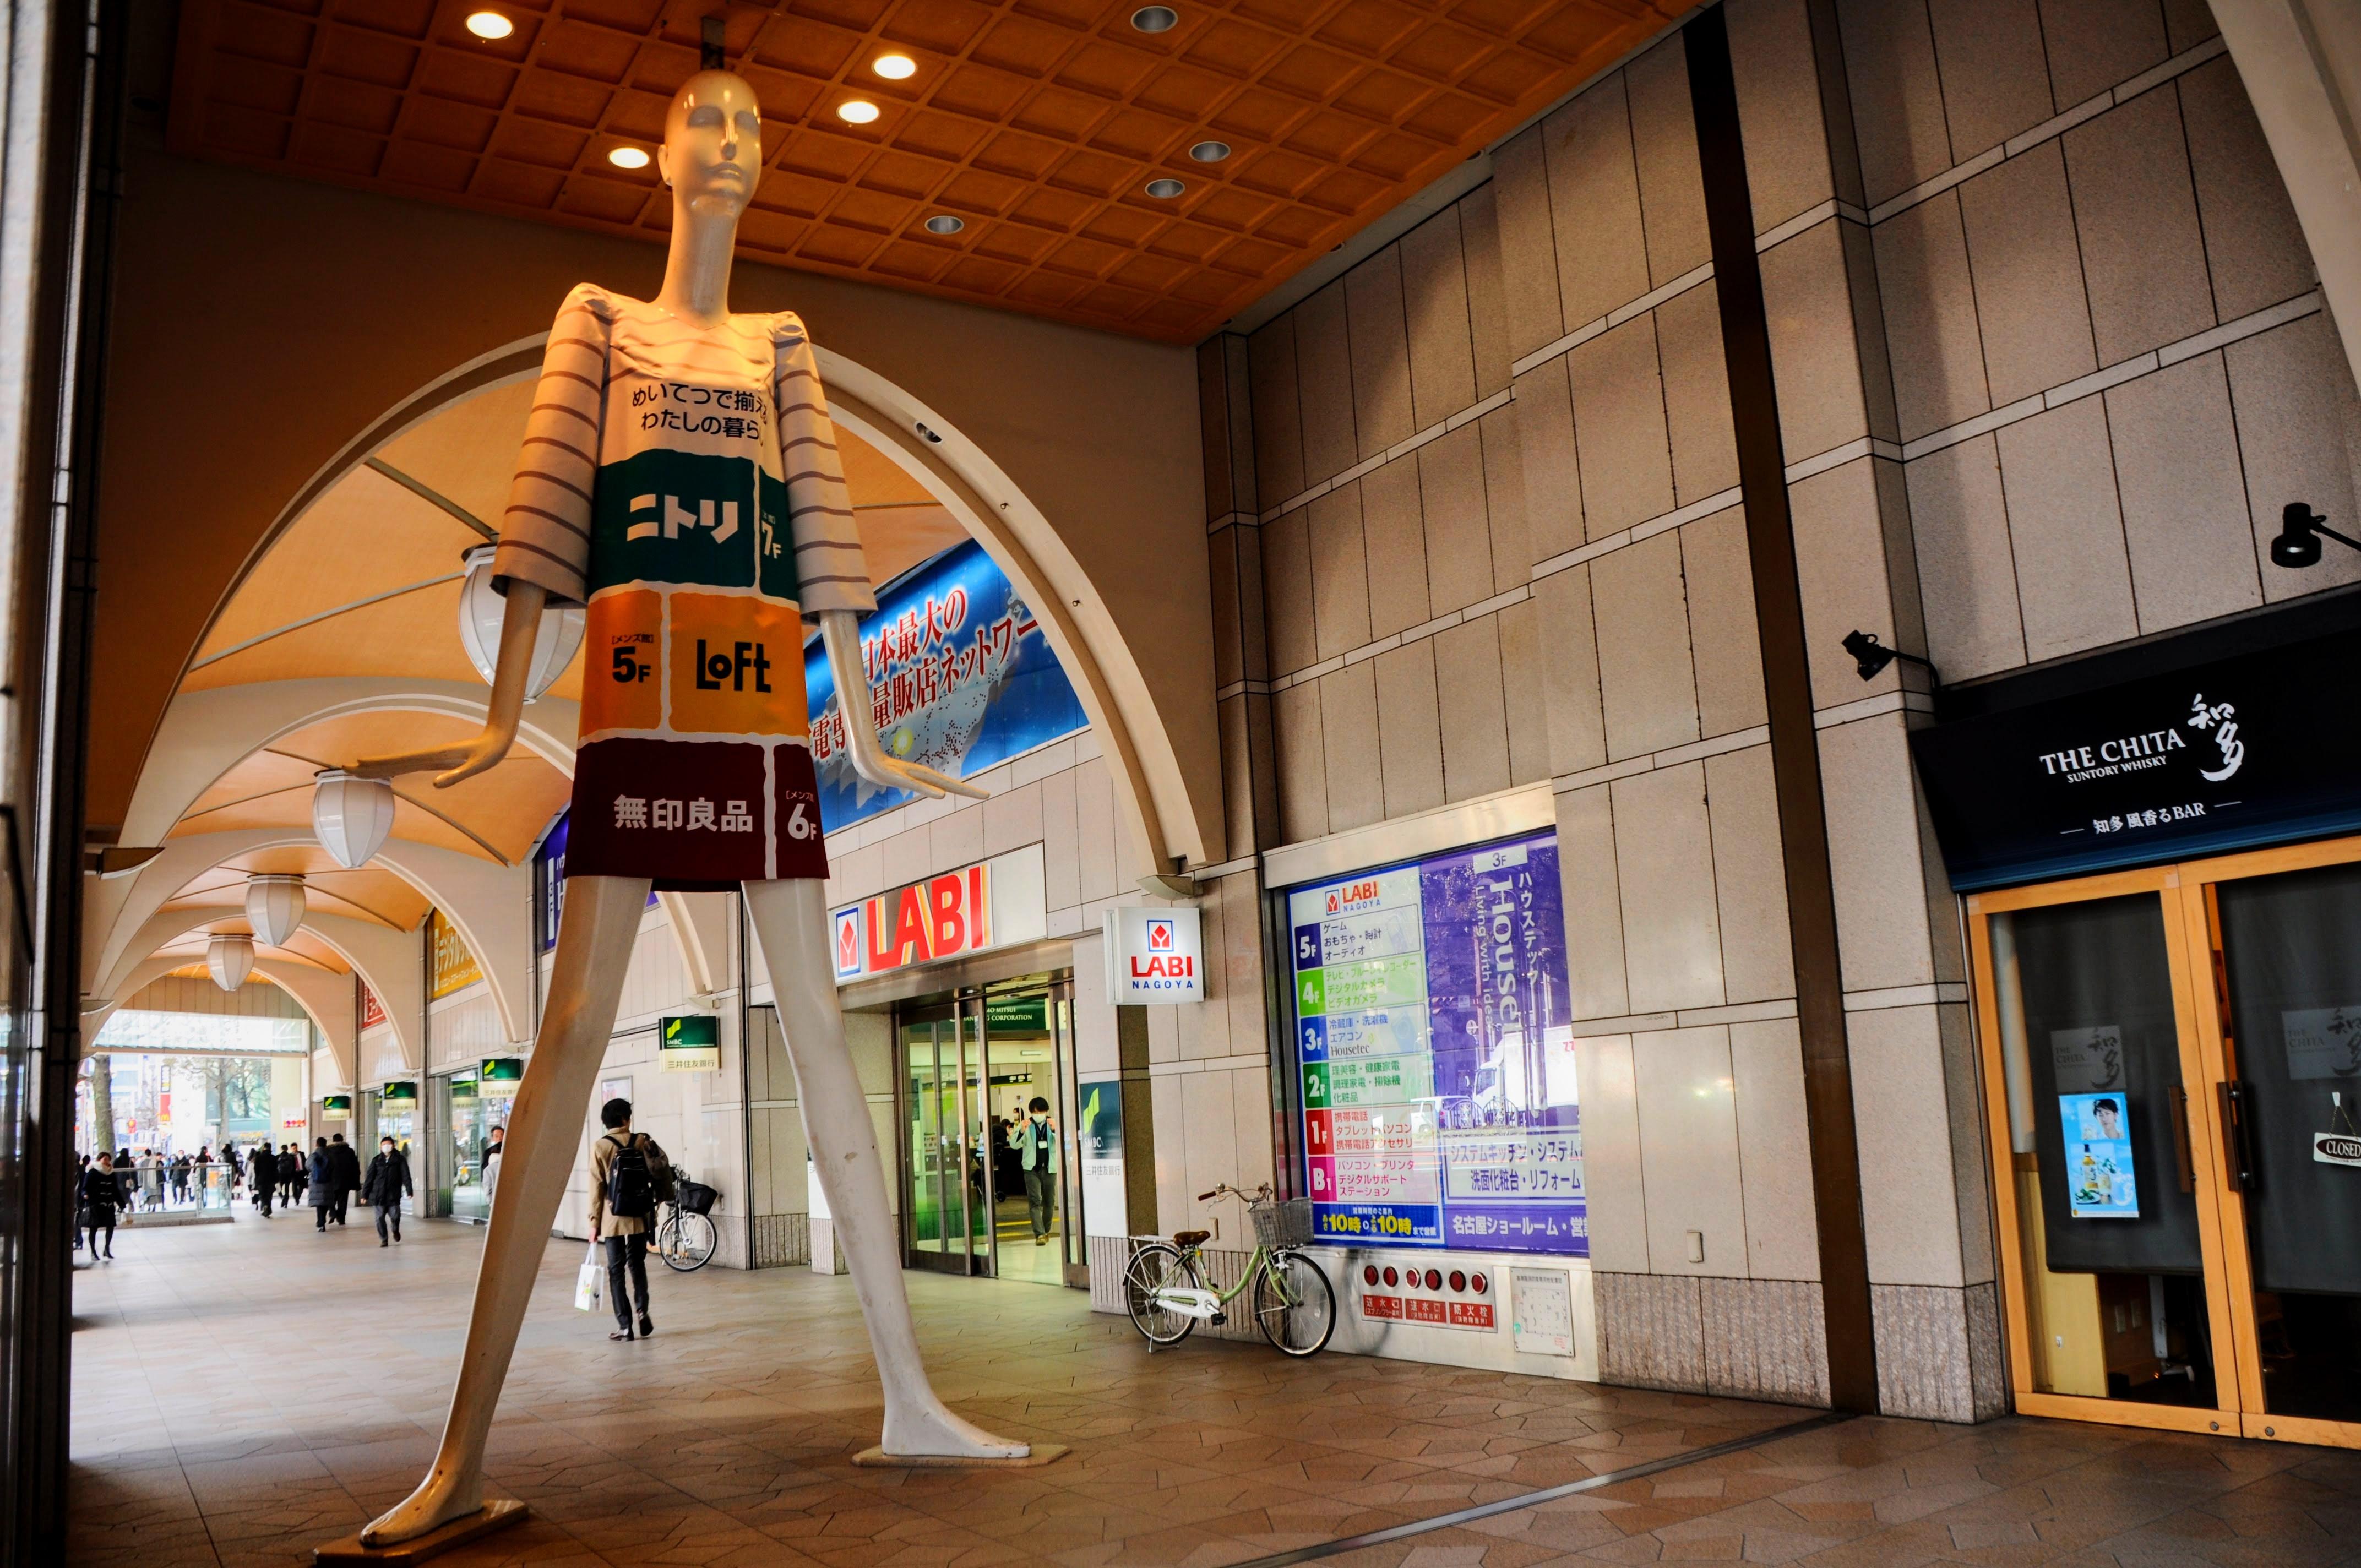 4月からの新生活!名古屋の生活に馴染むために抑えるべき20のポイント - DSC 0079